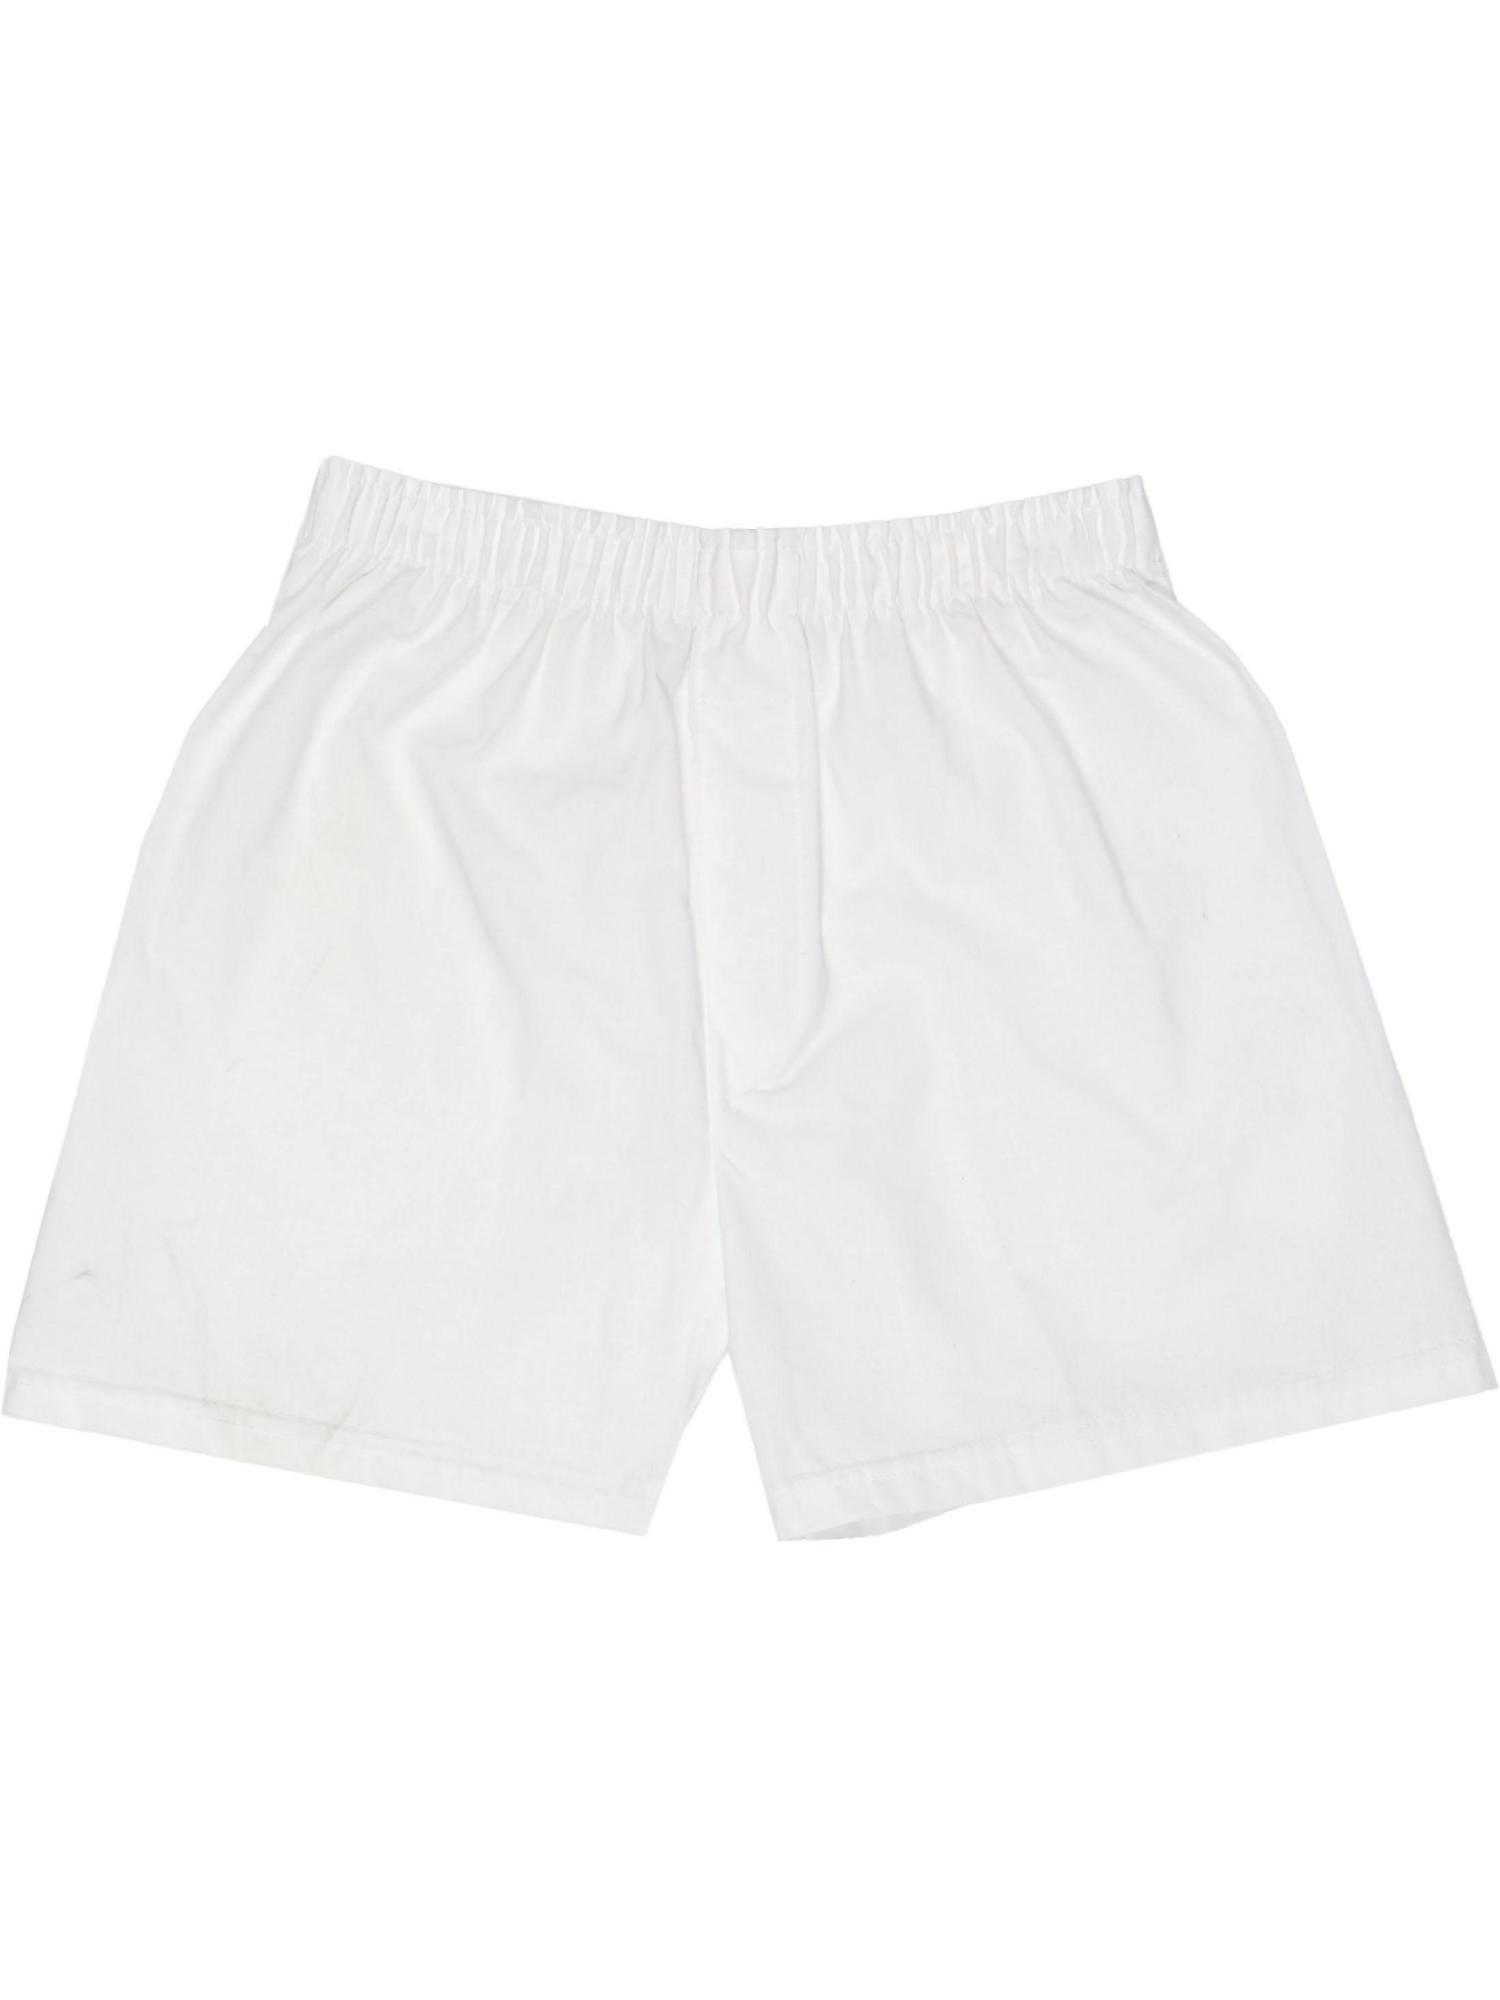 Men's Woven Cotton Boxer Sleep Shorts